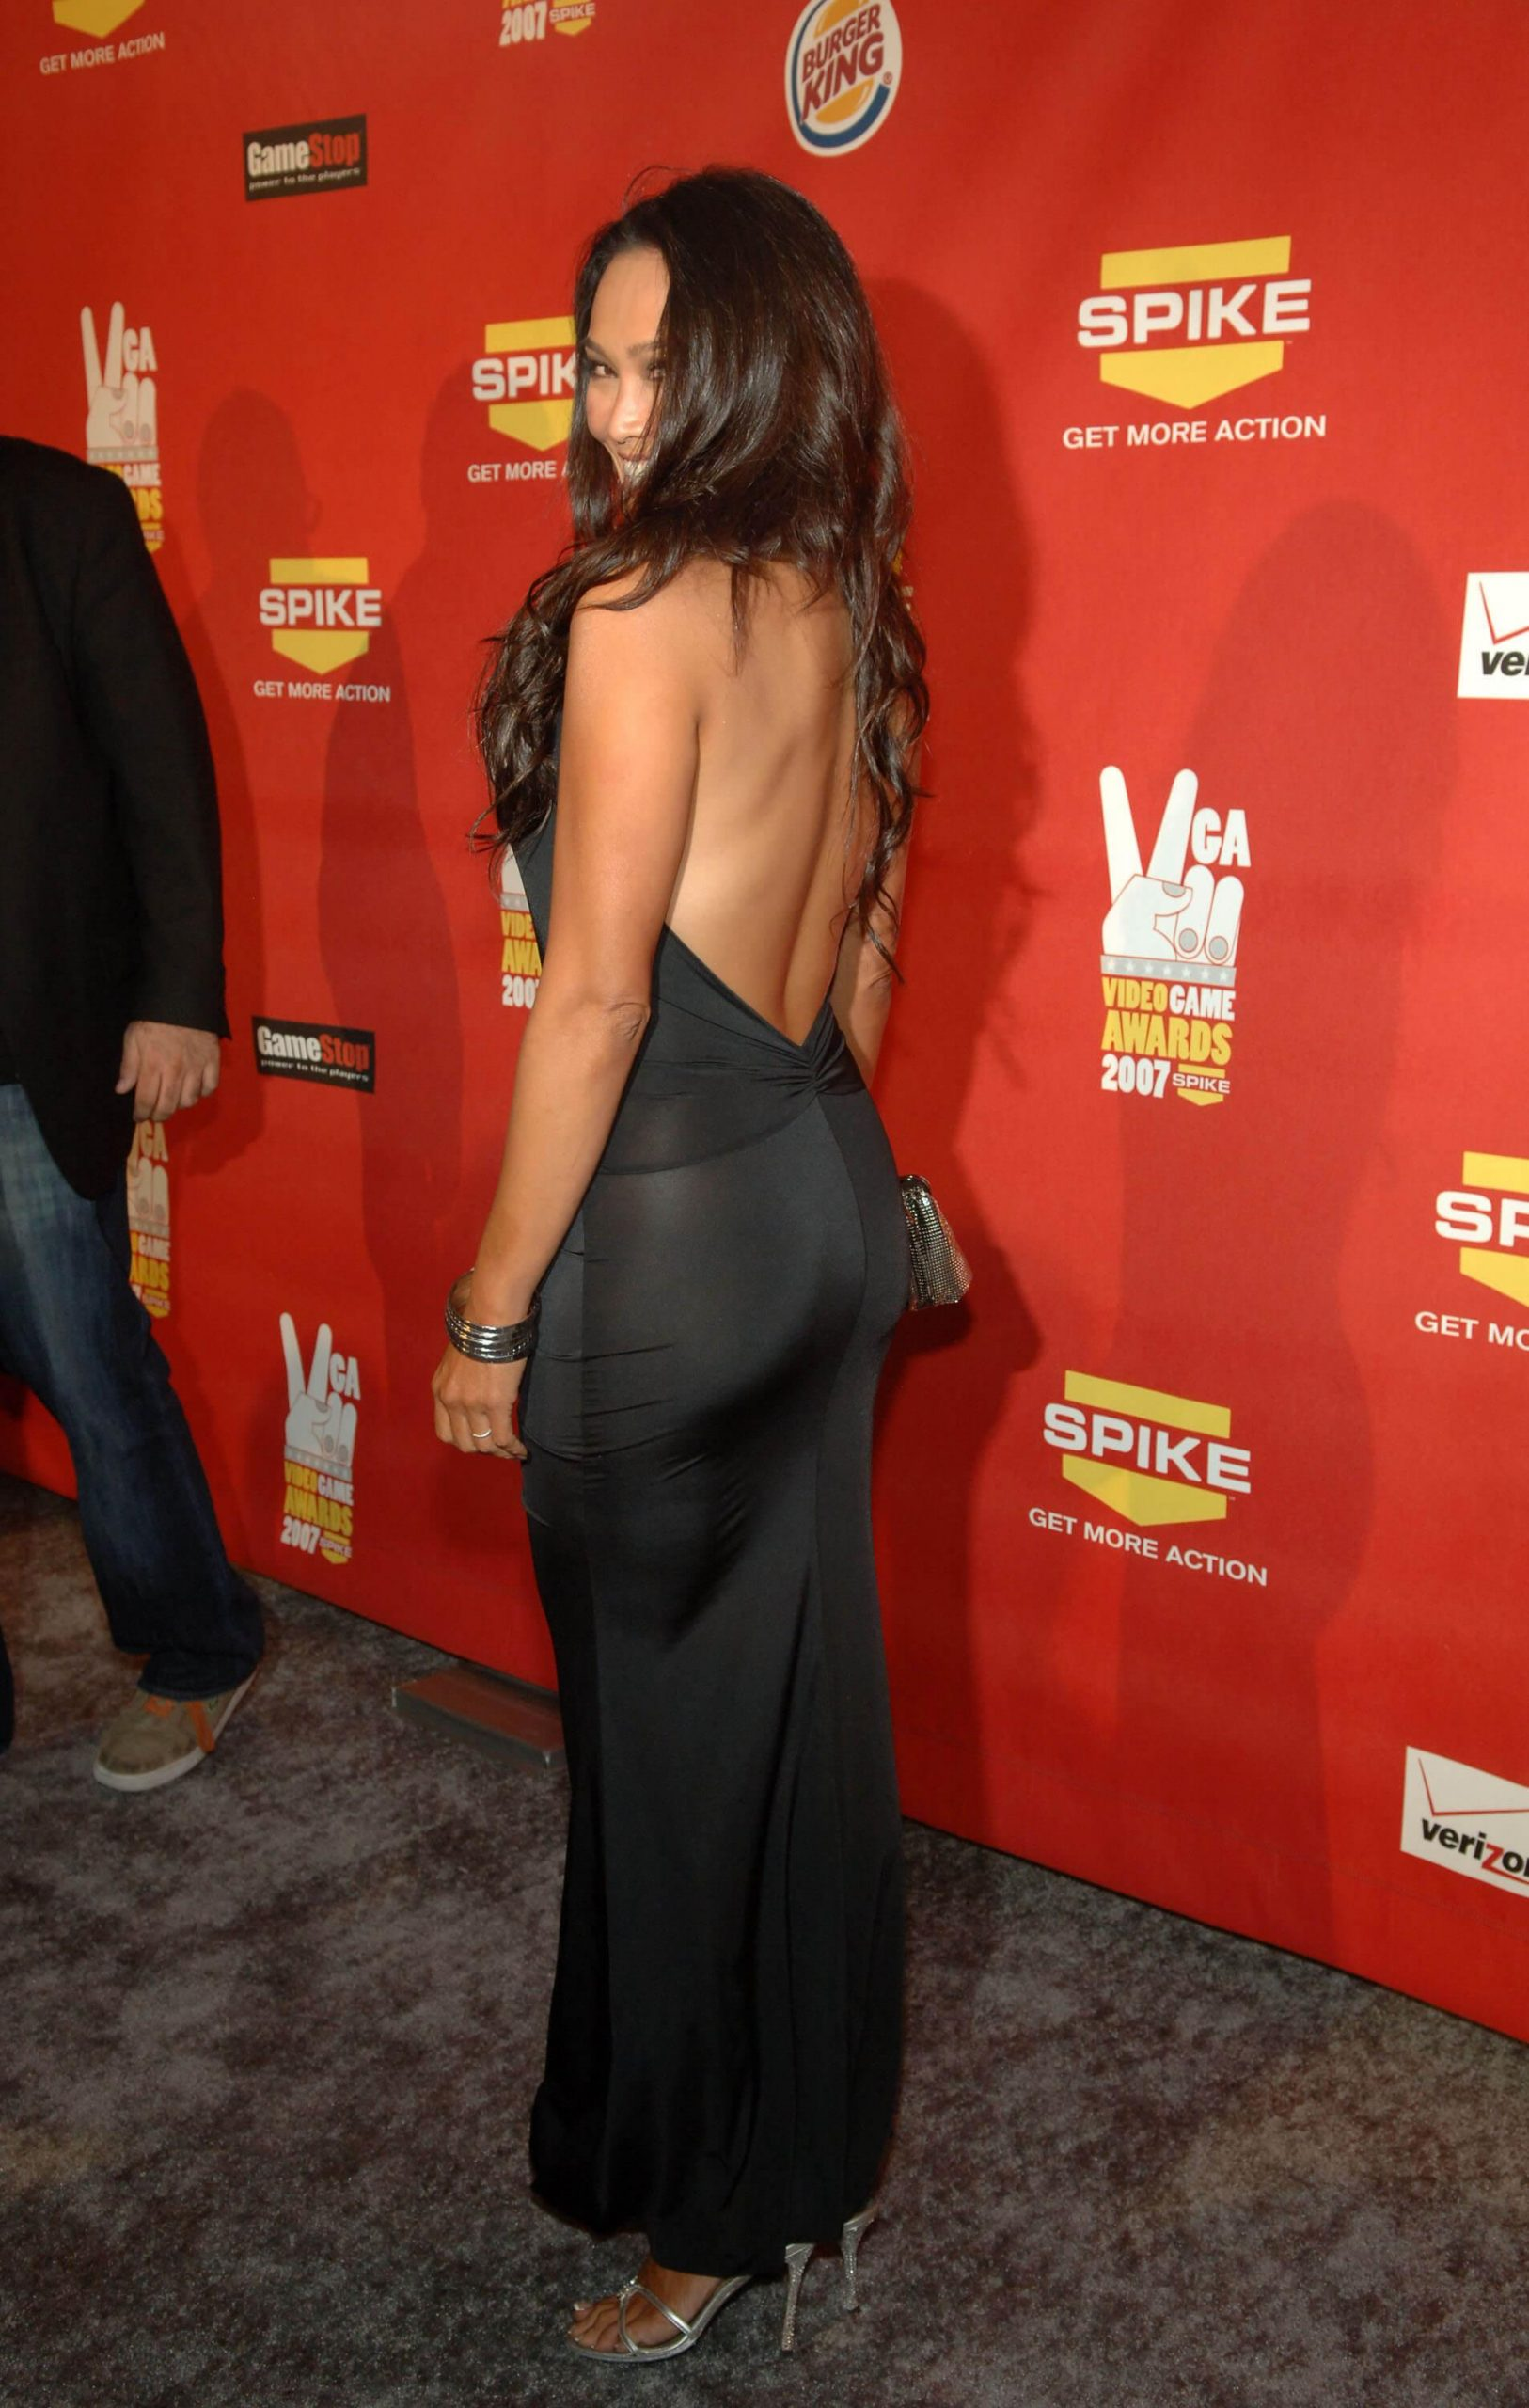 Tia Carrere amazing butt pics